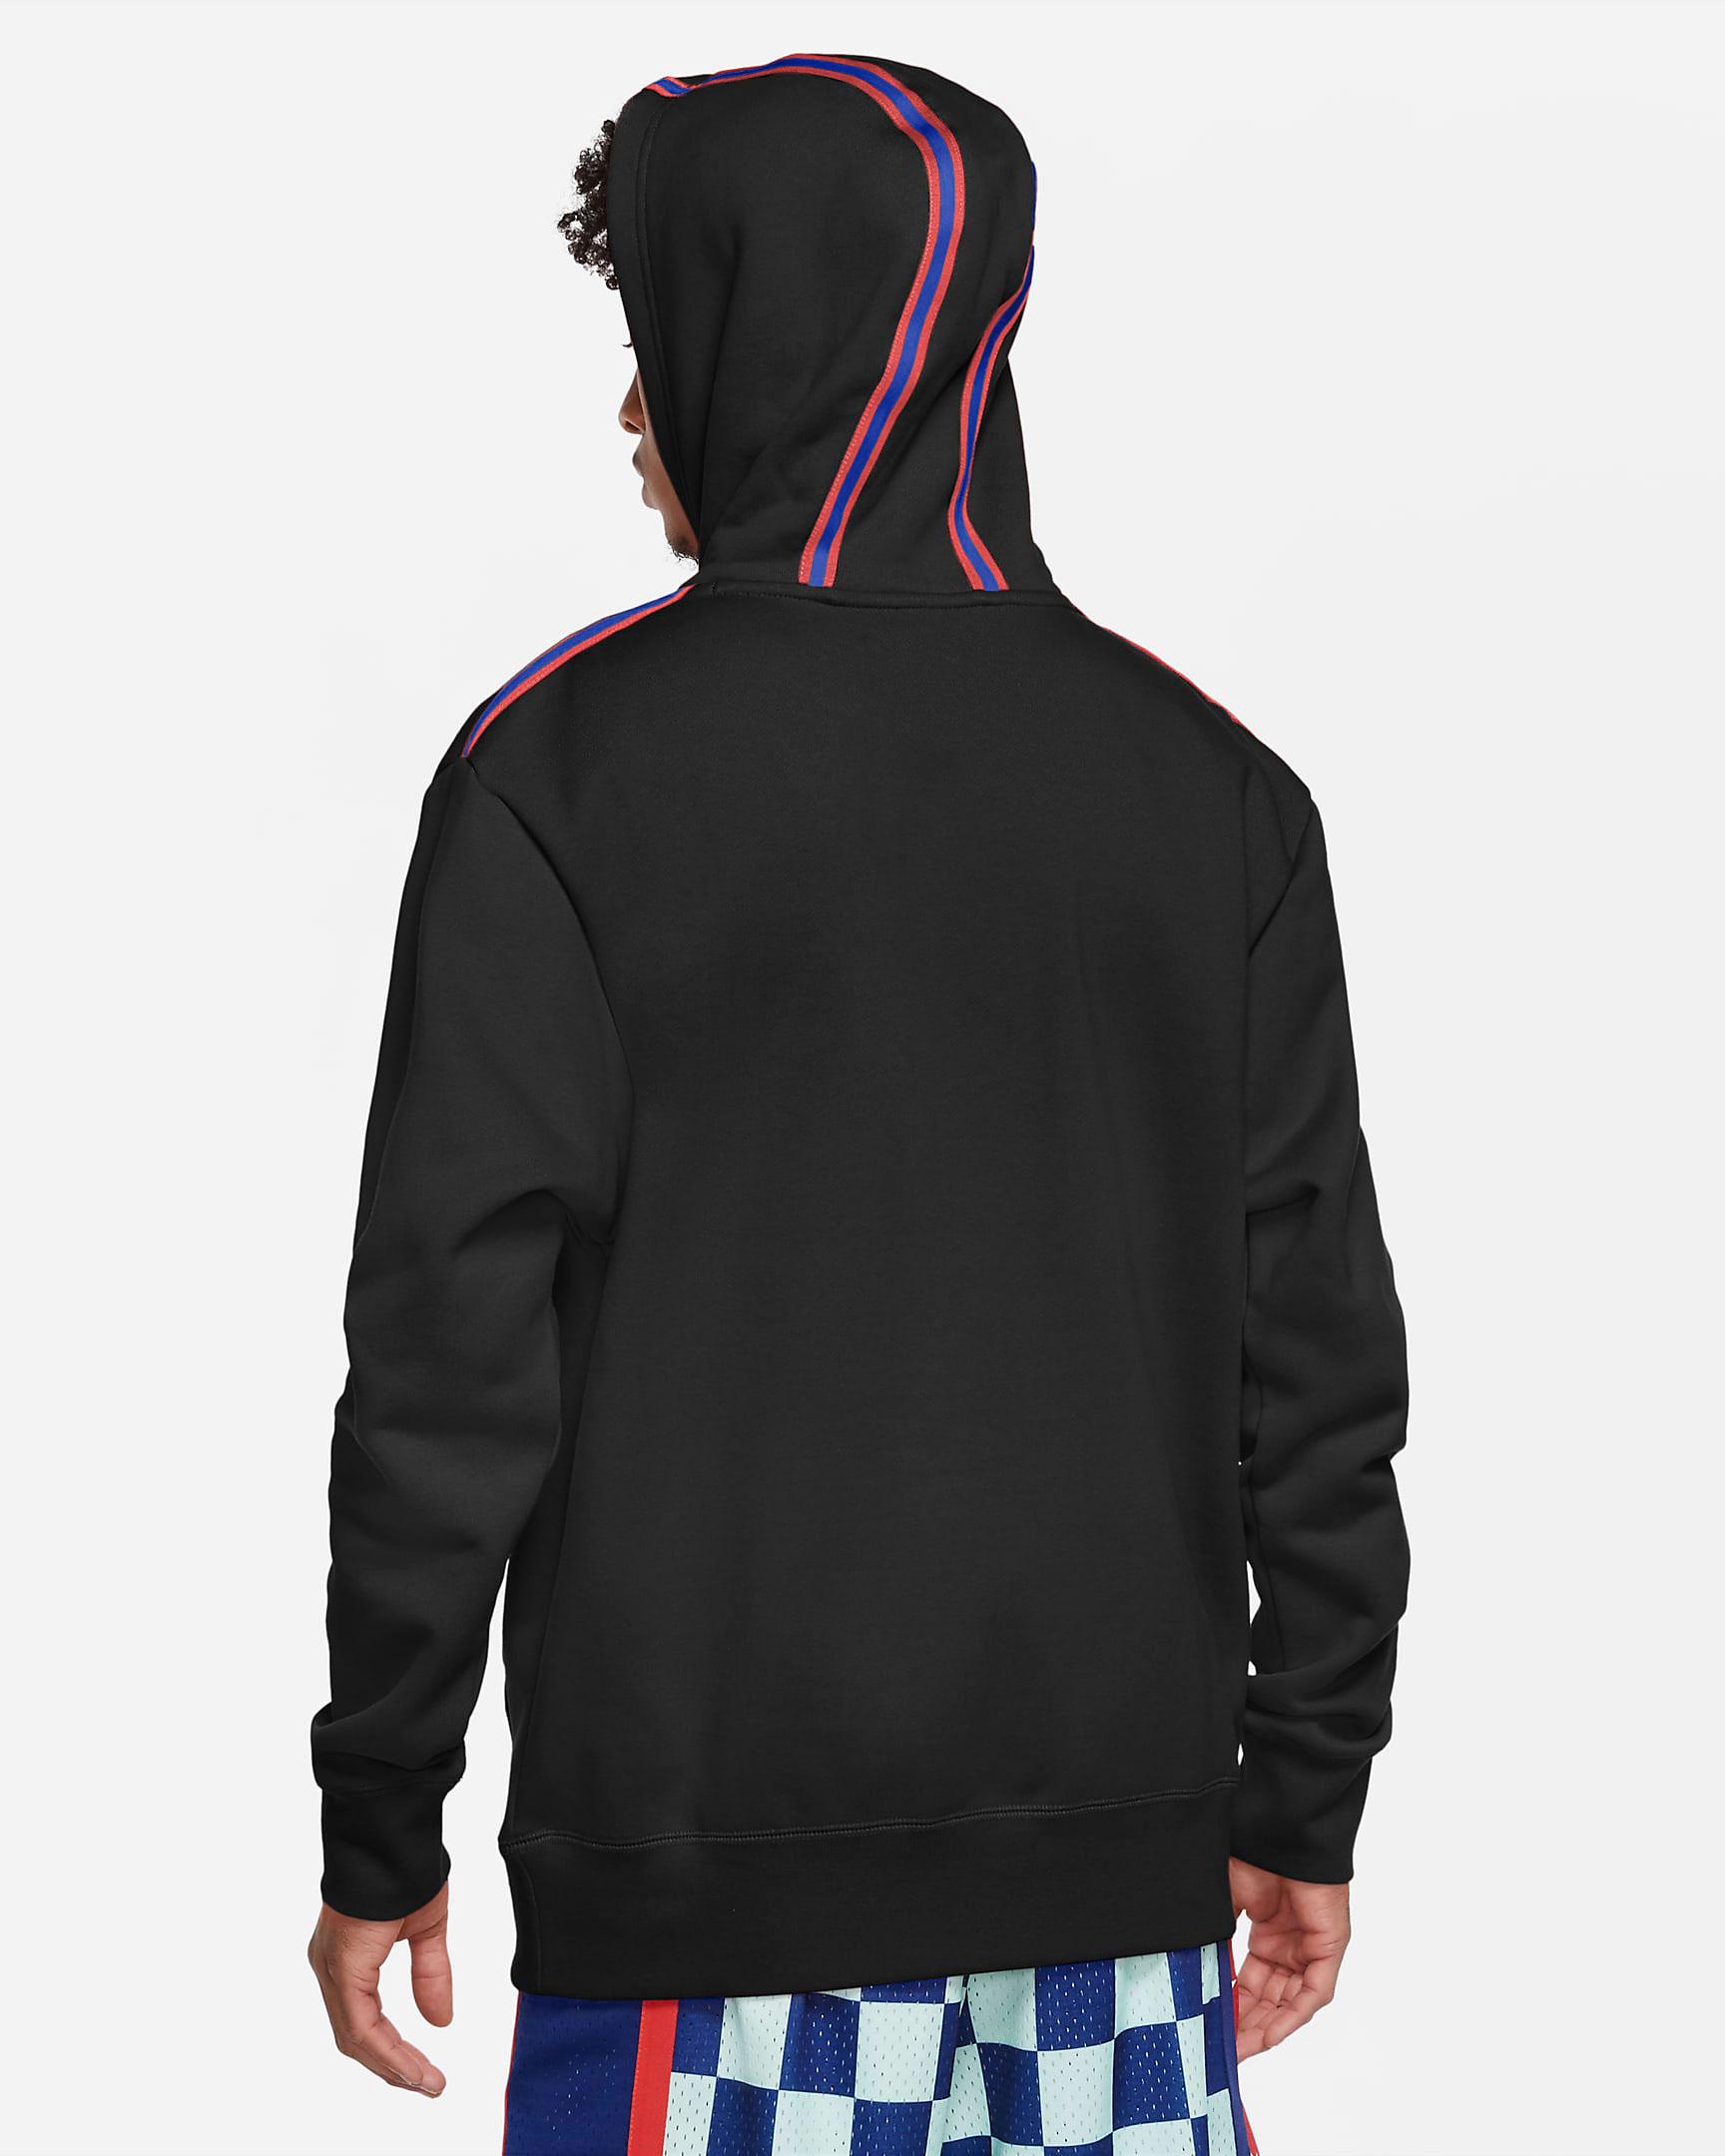 air-jordan-1-low-sweater-nothing-but-net-hoodie-2